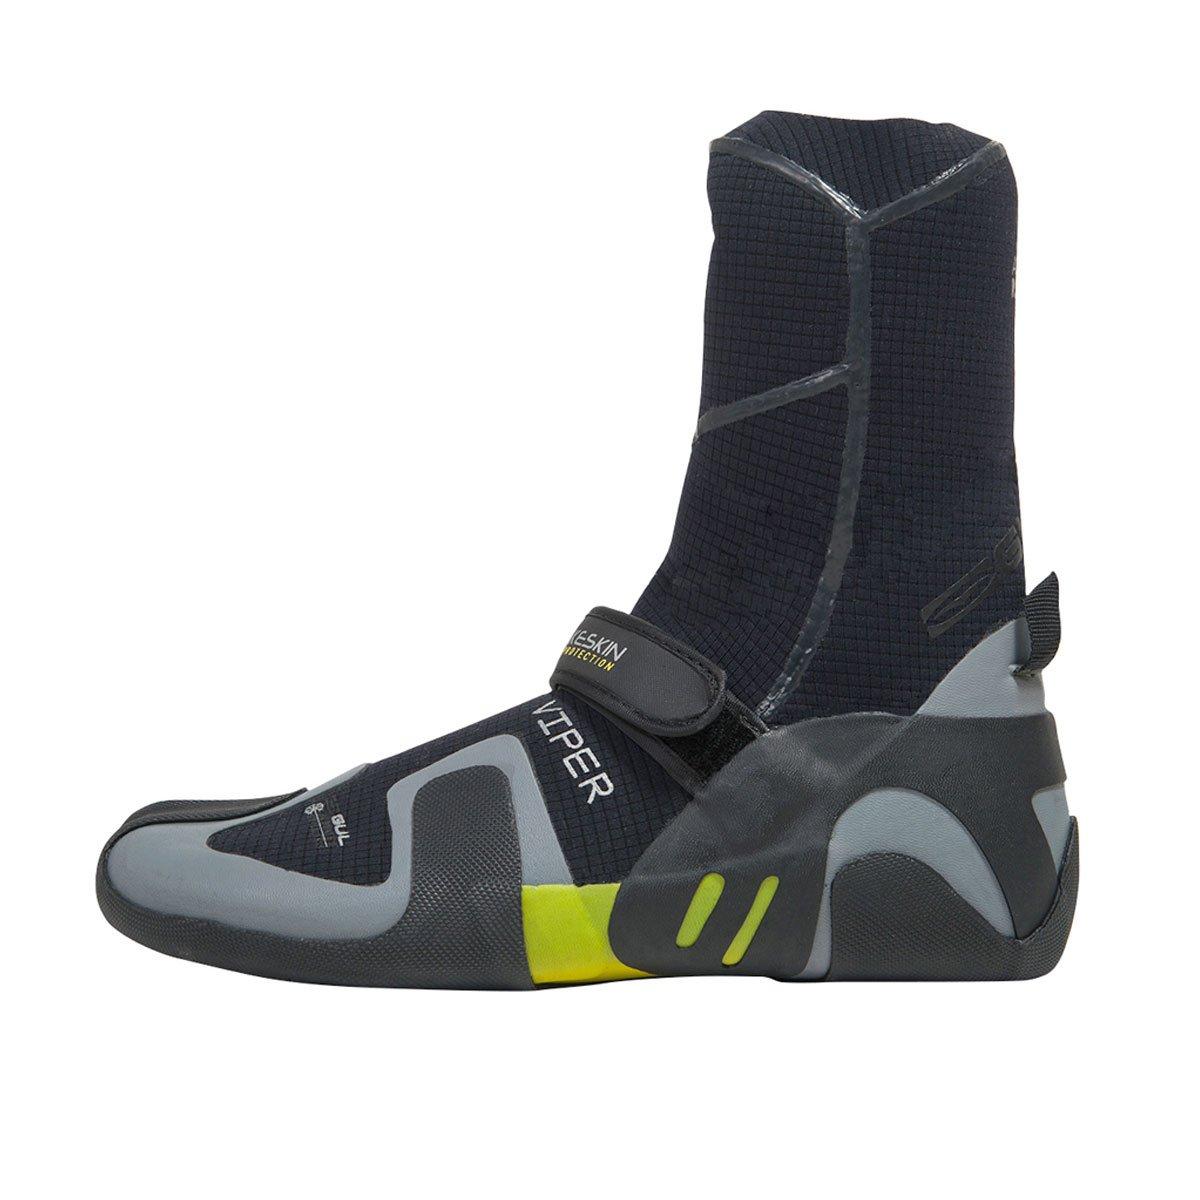 Gul Viper 5 mm Split Toe Boots 2017 – ブラック/イエロー 10  B01BHHMPK2